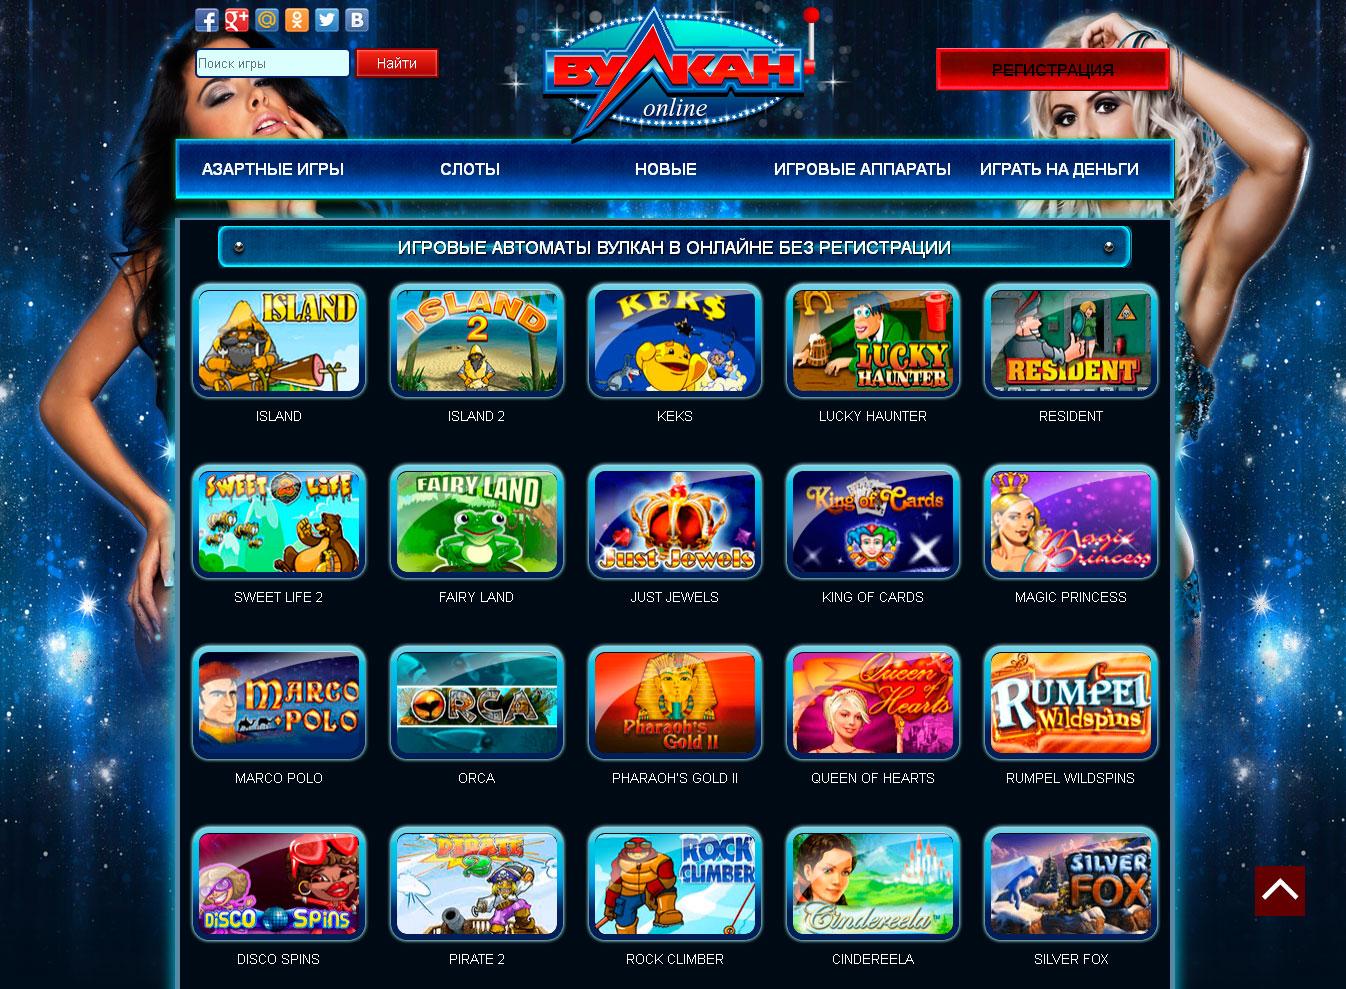 Онлайн ігри гральні автомати